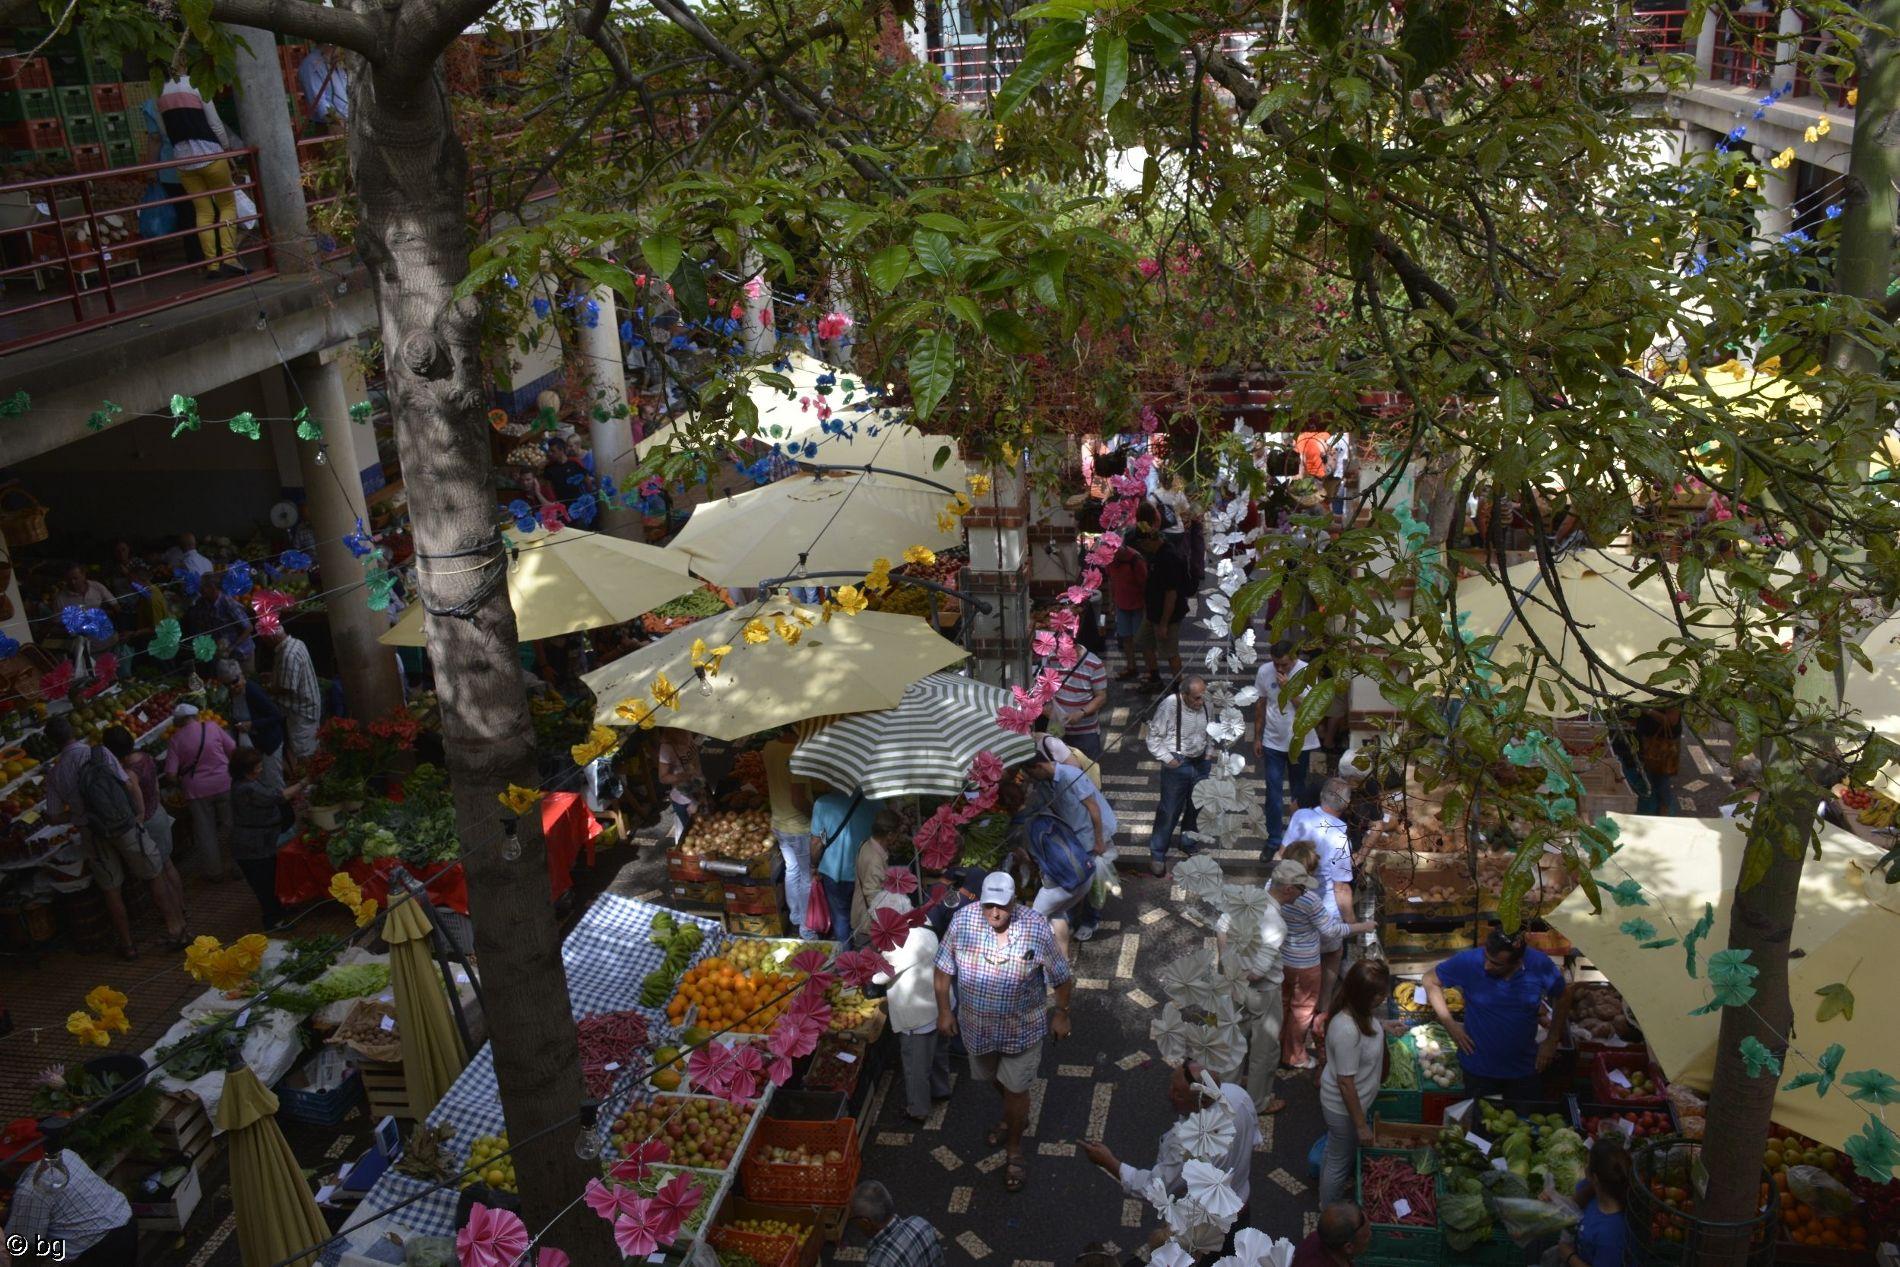 mercado-dos_lavradores-funchal